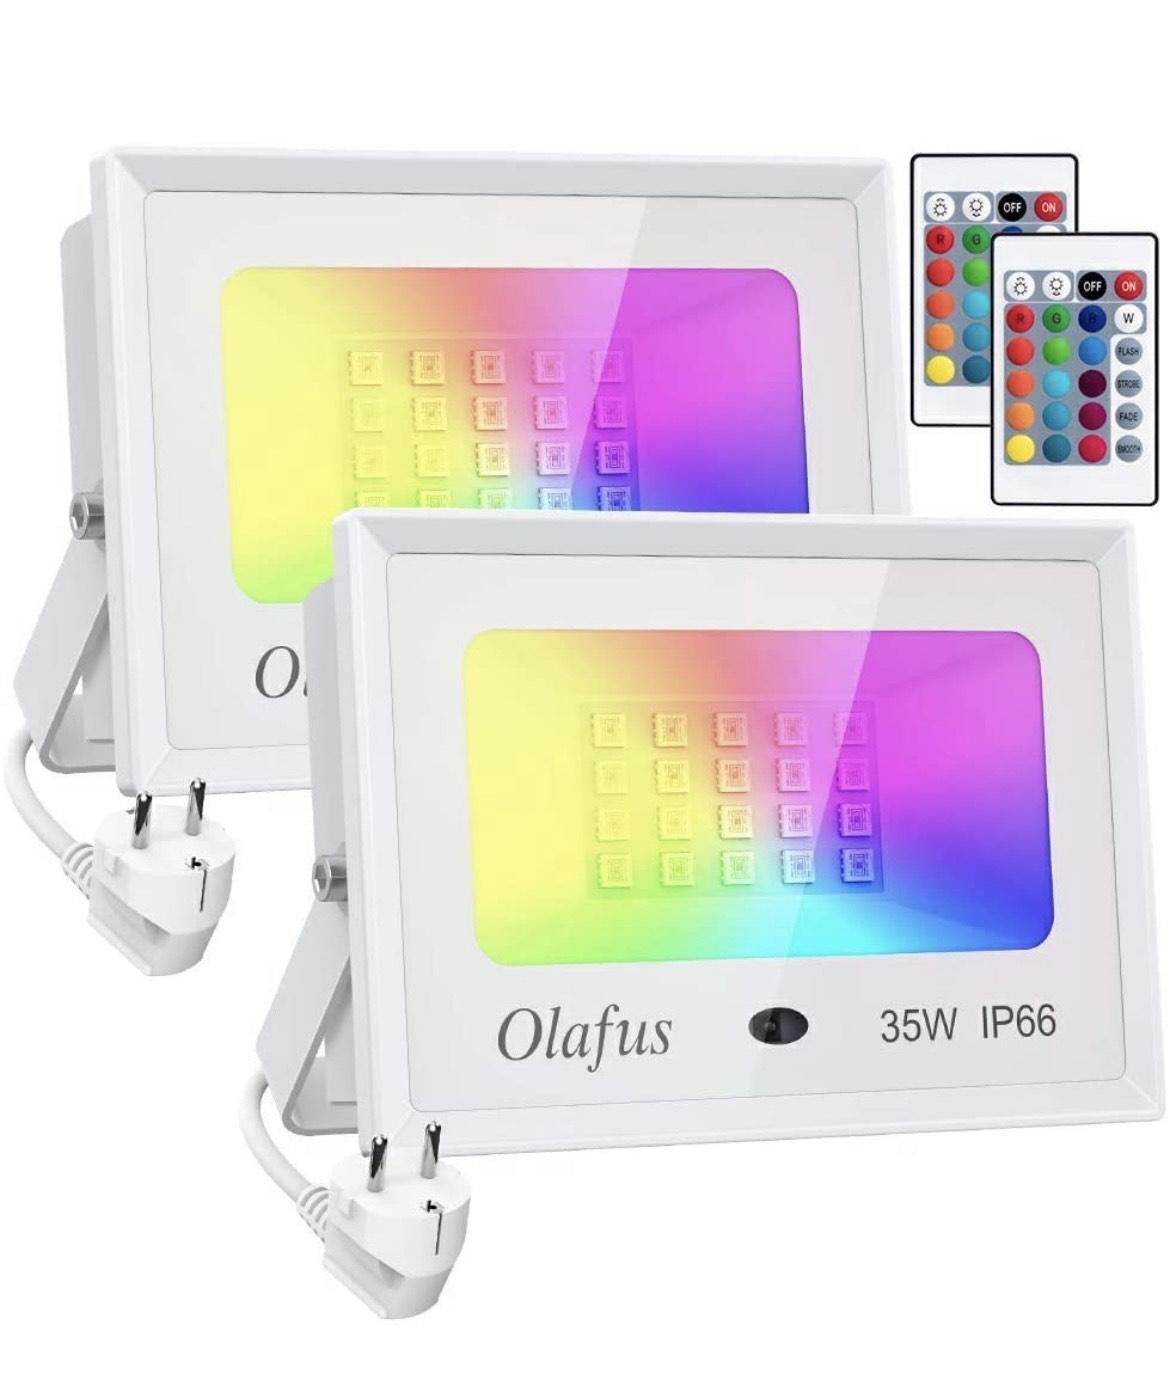 Lot de 2 Projecteurs leds Olafus - 35W (vendeur tiers)